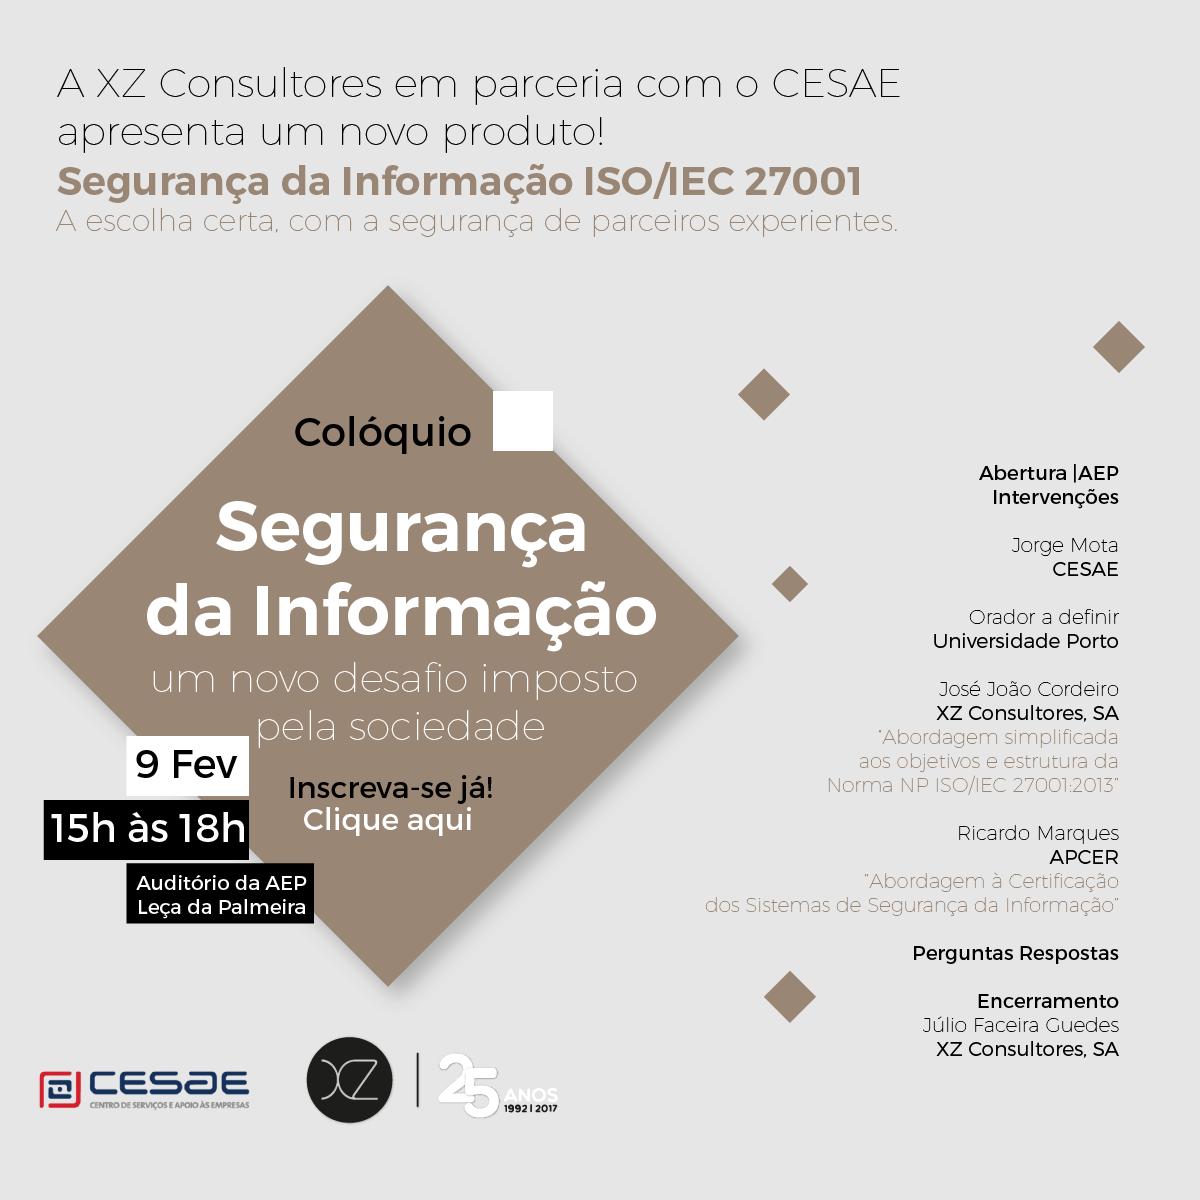 Coloquio27001